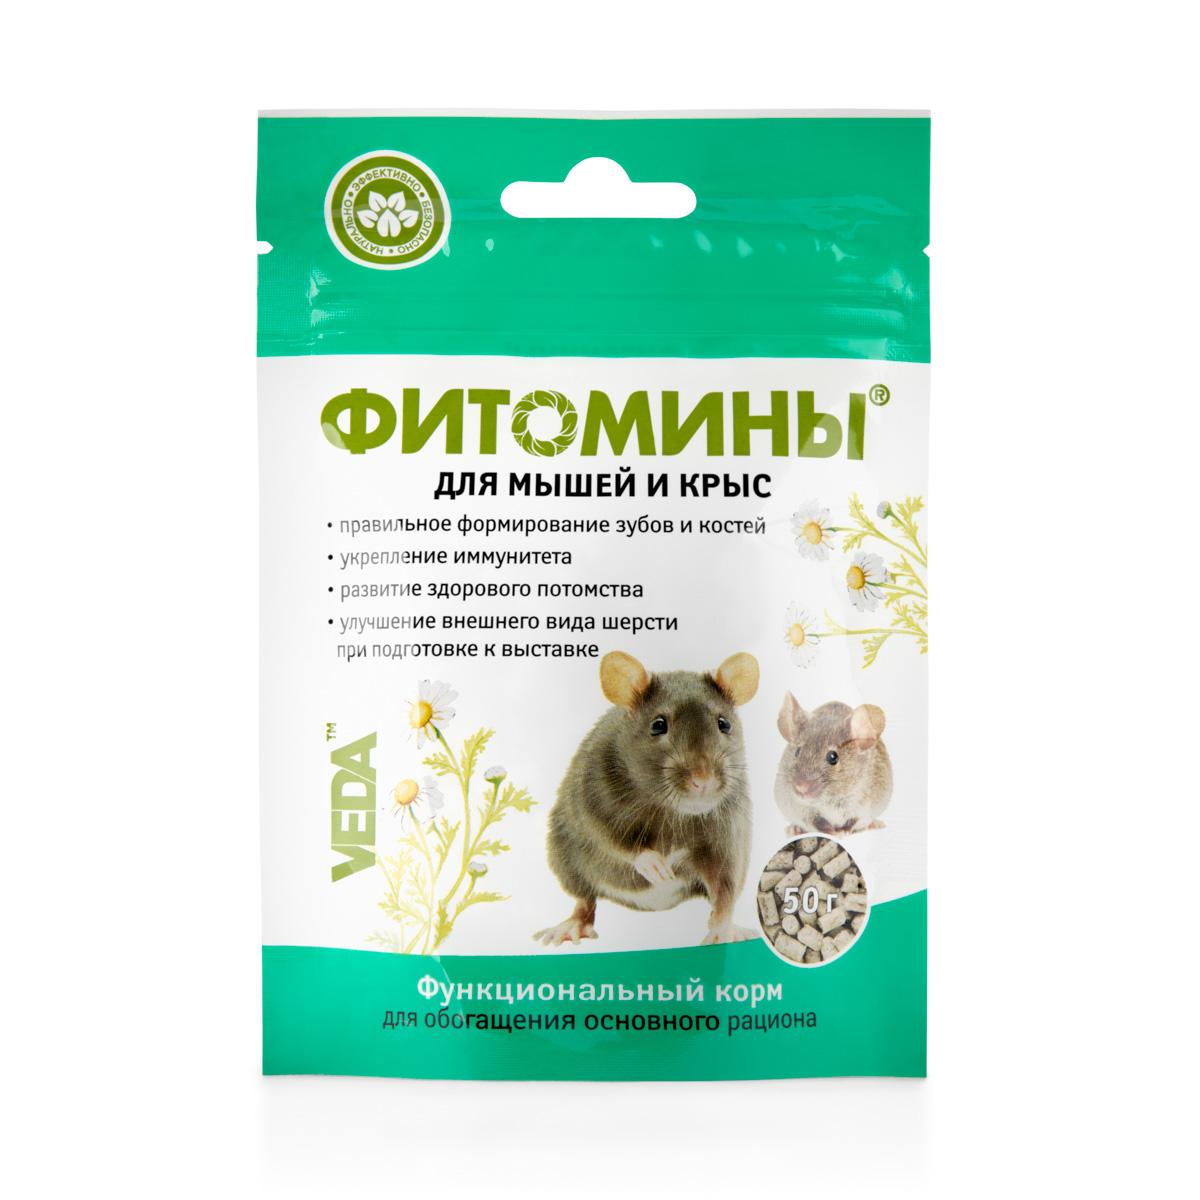 Фитомины функциональный корм для мышей и крыс, 50г4605543006203Для полноценного здоровья и прекрасного внешнего вида грызунов и кроликов - способствует успешному восстановлению после травм и заболеваний, - улучшает внешний вид шерсти перед выставками, - укрепляет зубы, - способствует рождению здорового потомства.